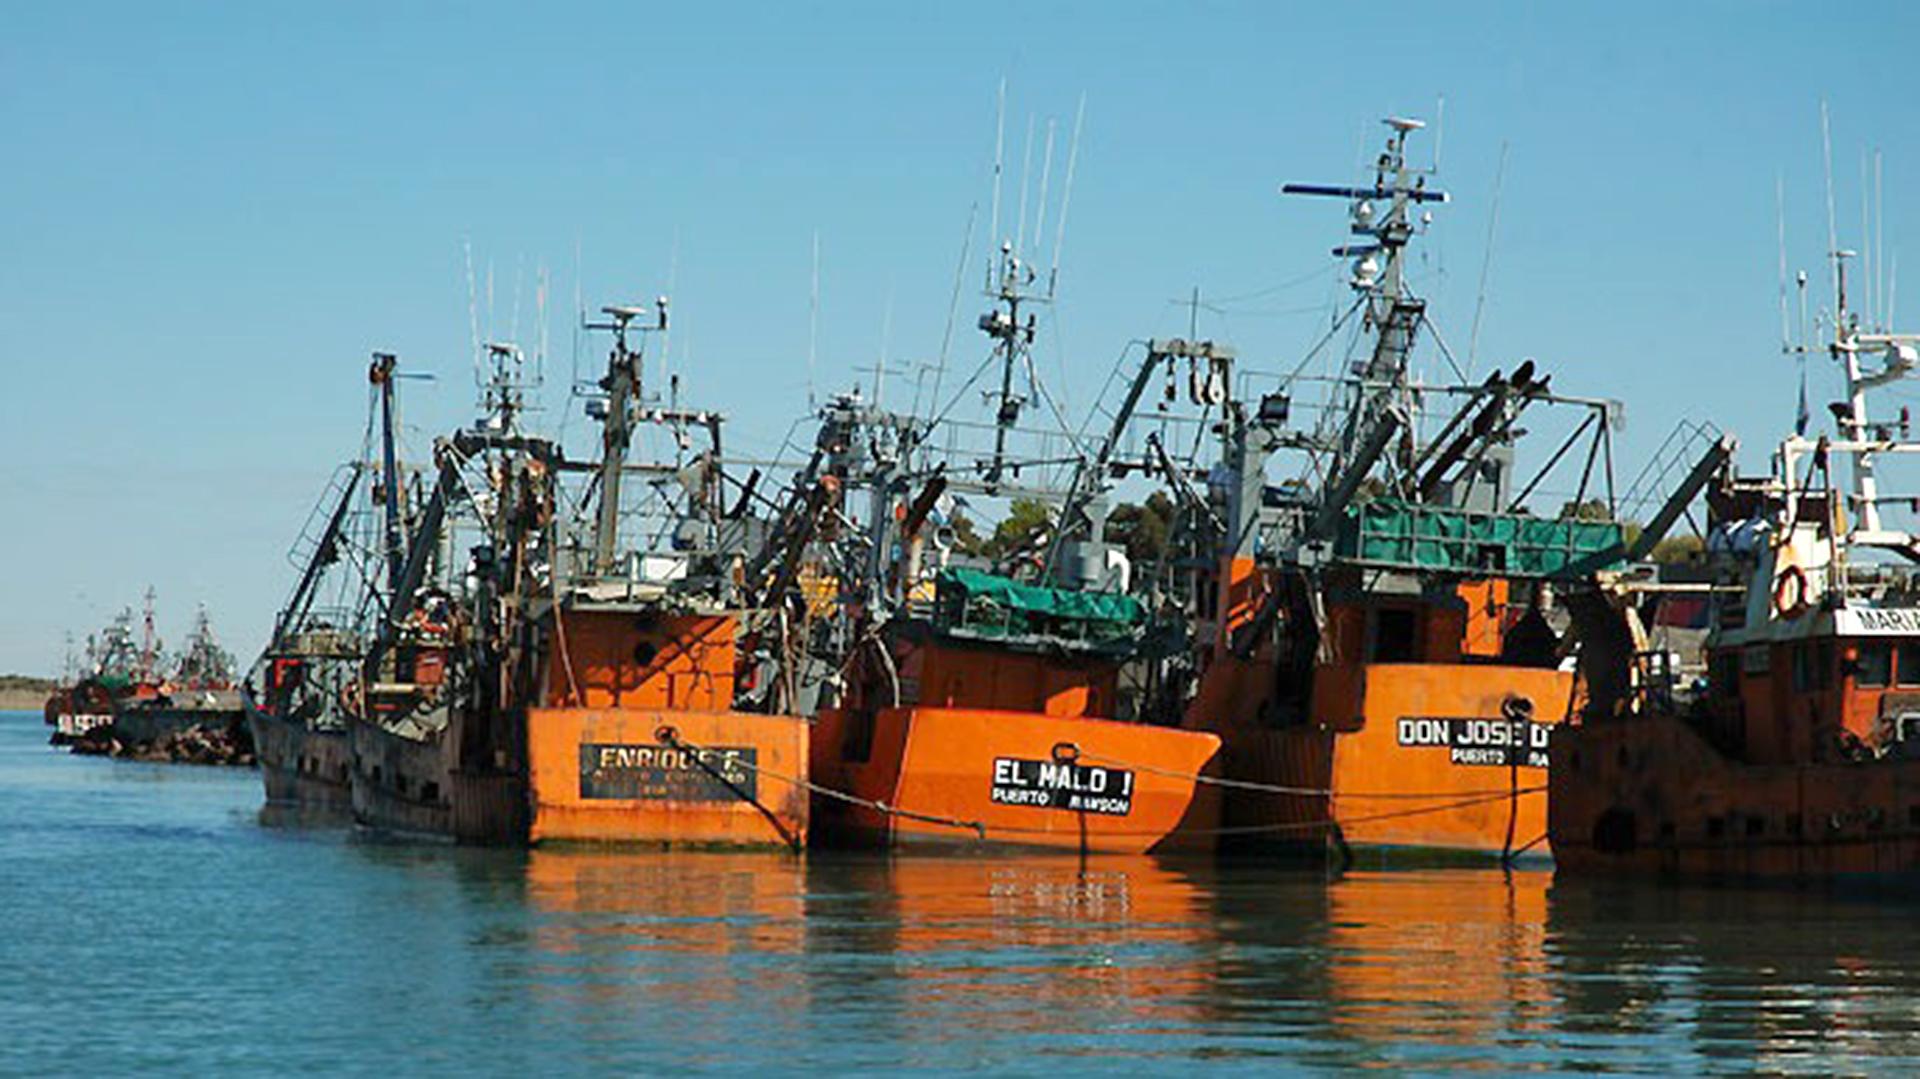 Se hundió otro buque pesquero en Rawson – FM SAN AGUSTIN 91.3